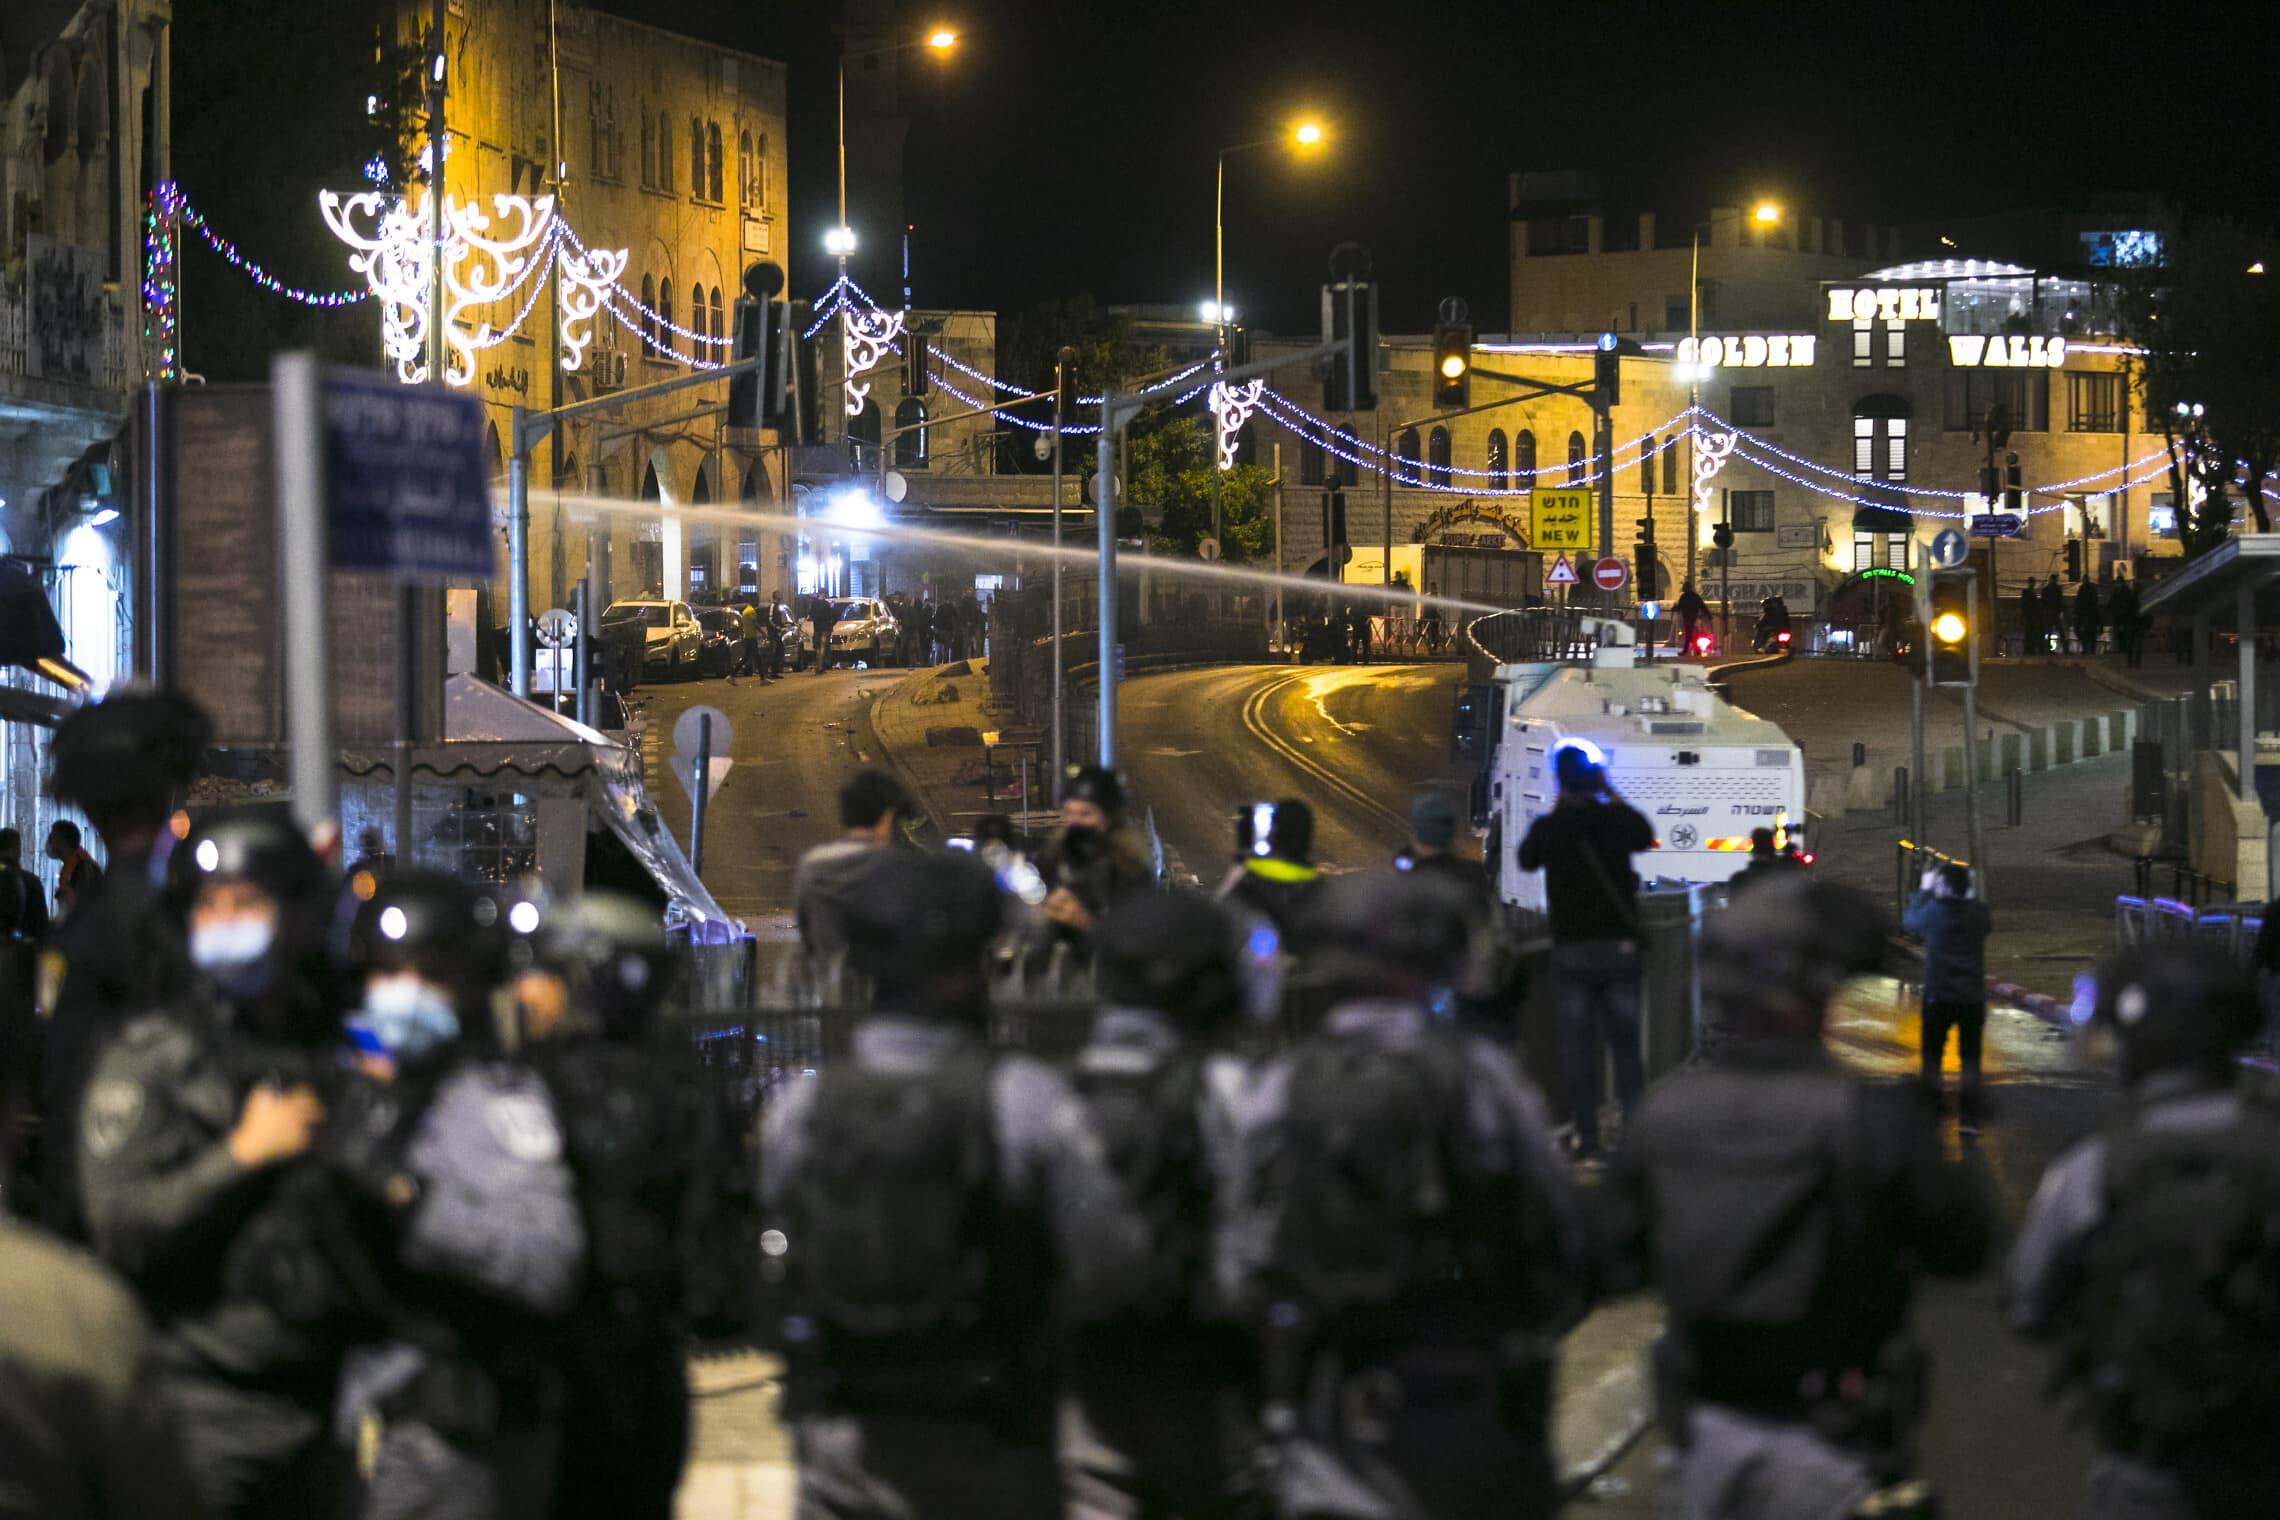 """שוטרי משטרת ישראל מאבטחים הפגנה של ארגון להב""""ה ליד שער שכם בעיר העתיקה בירושלים, 22 באפריל 2021 (צילום: אוליבייה פיטוסי/פלאש 90)"""